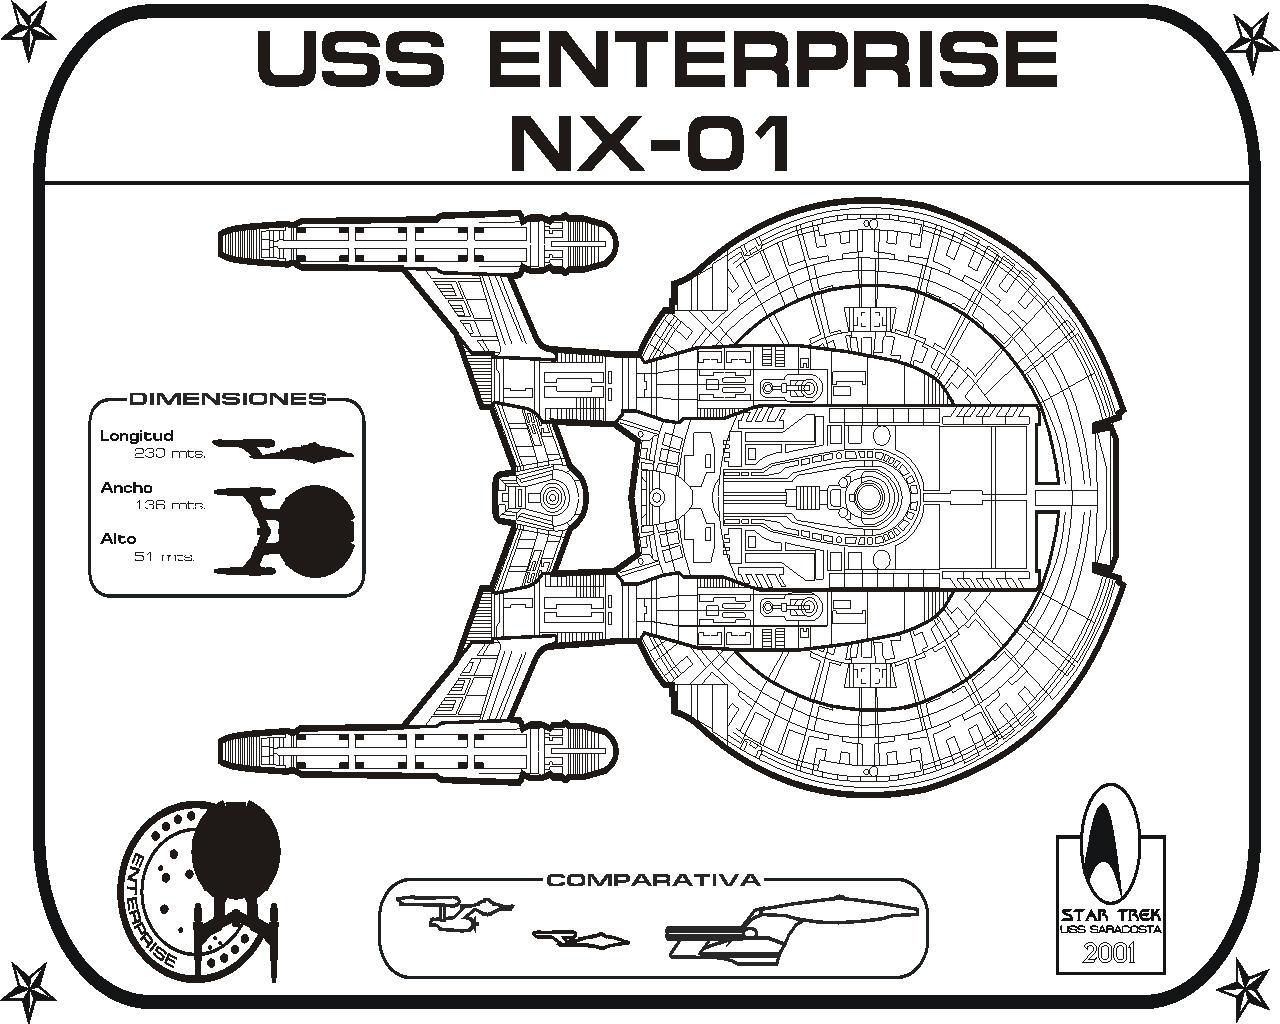 Star Trek Blueprints U S S Saracosta Ncc Website